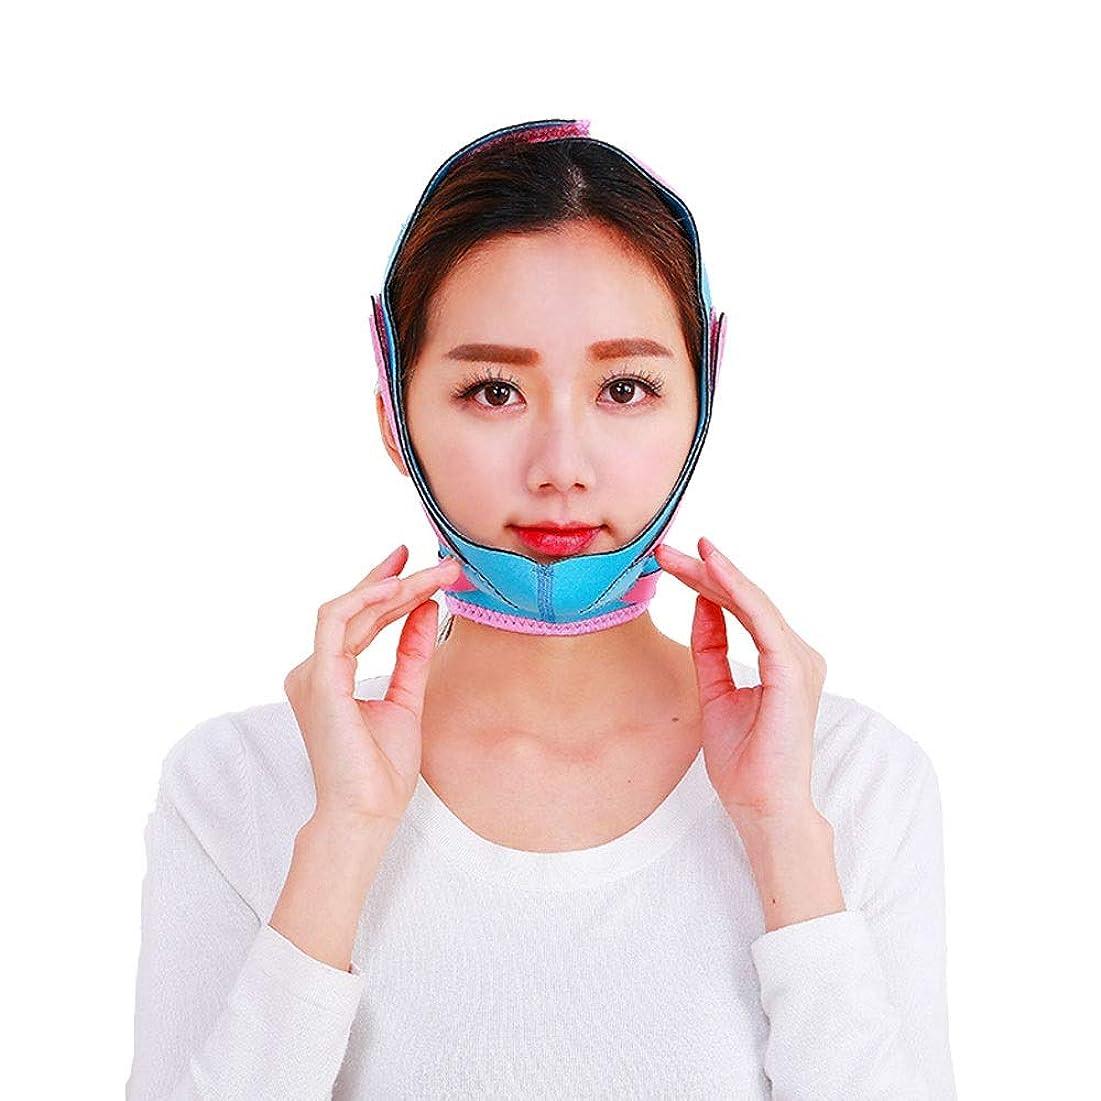 利用可能意味口頭フェイスマスクマスクスリムマスクリフティングコンターリリーフドループマッスル引き締め肌弾性Vフェイス包帯